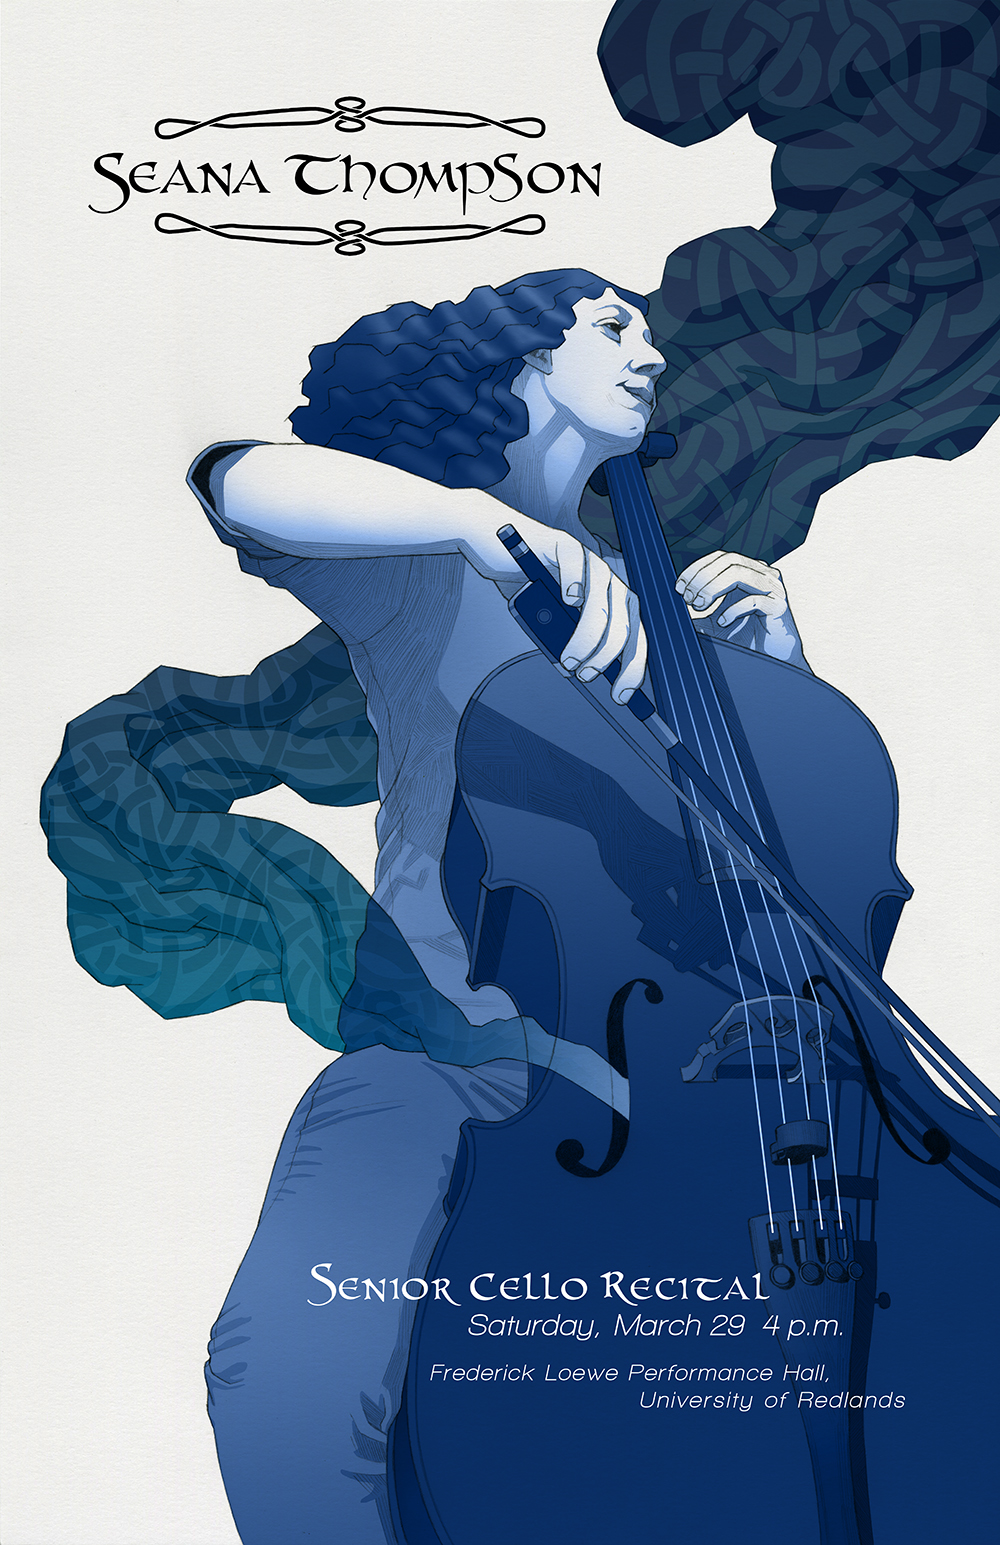 Senior Cello Recital poster